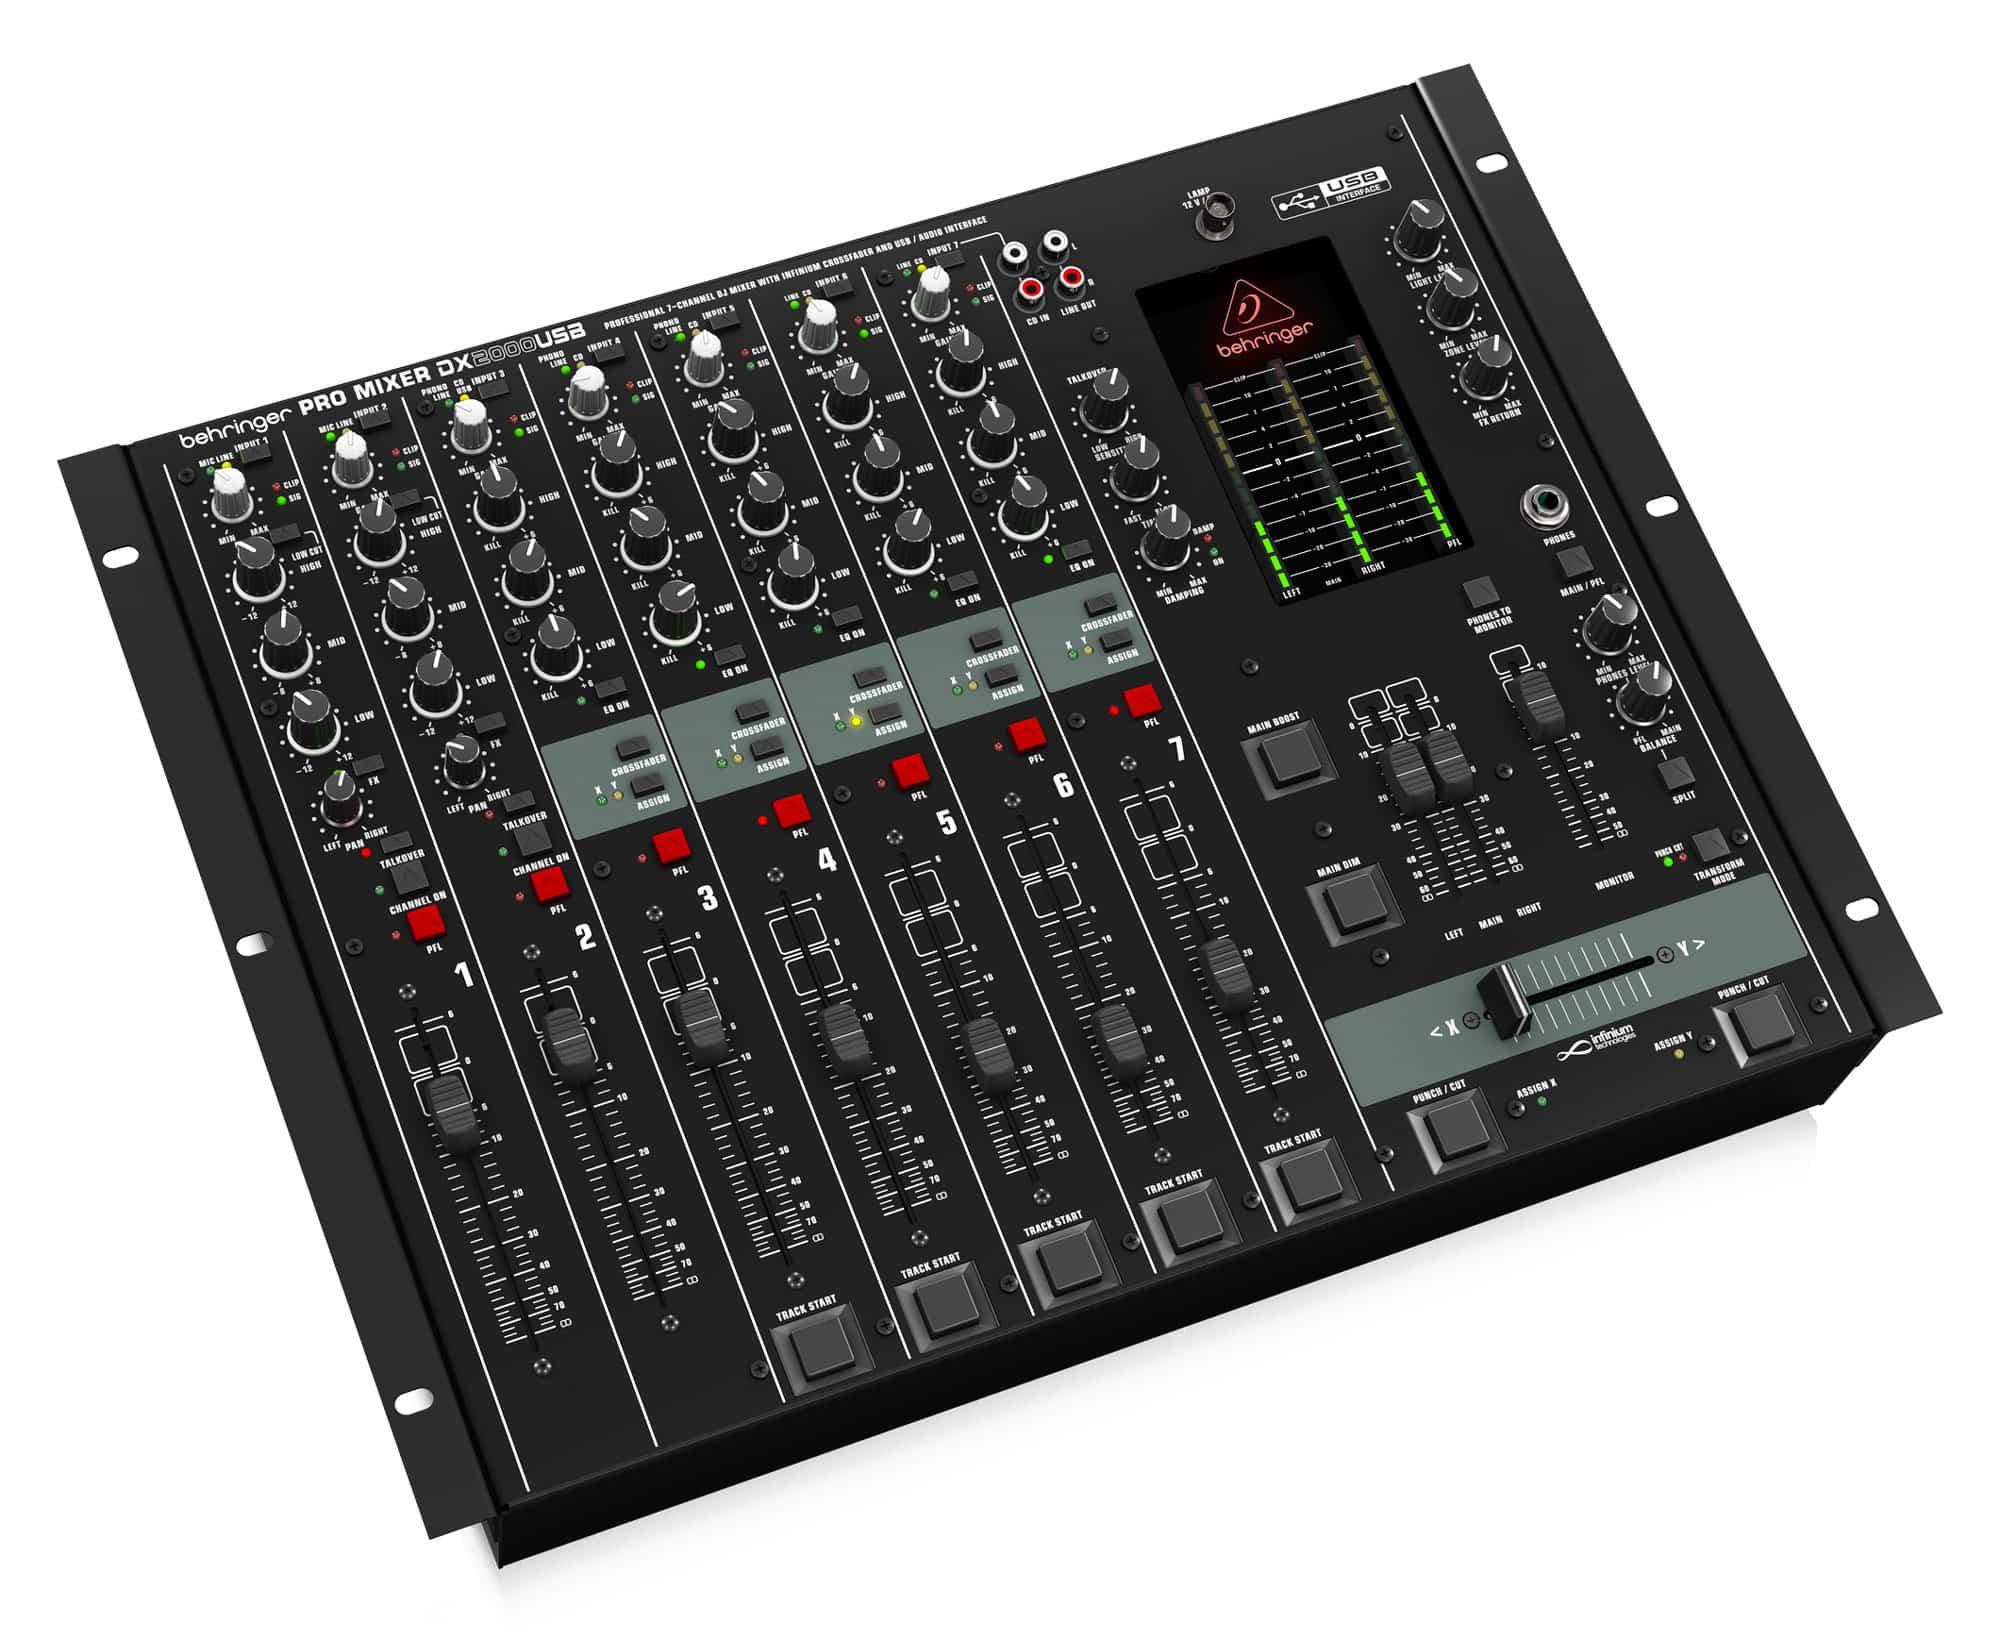 Behringer DX2000 USB DJ Mischpult